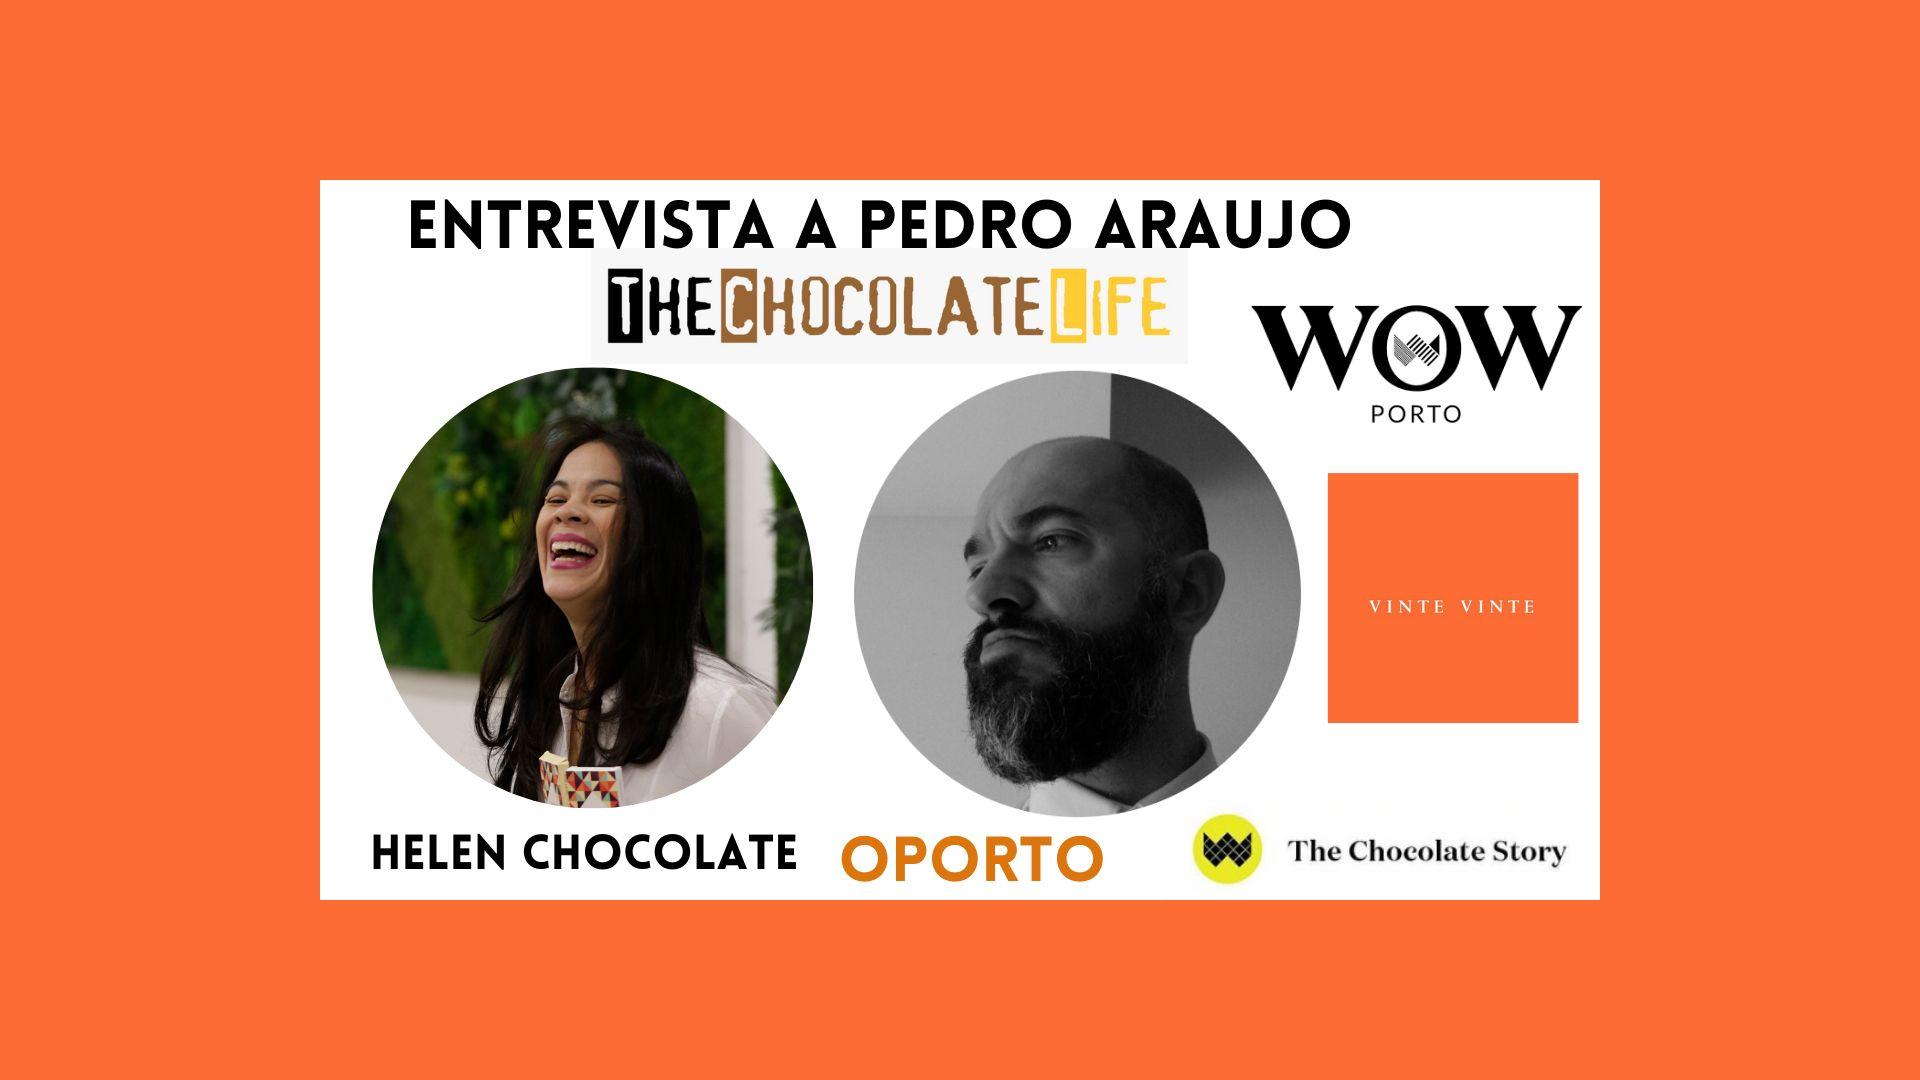 Helen Chocolate para TCL: Entrevista a Pedro Araujo